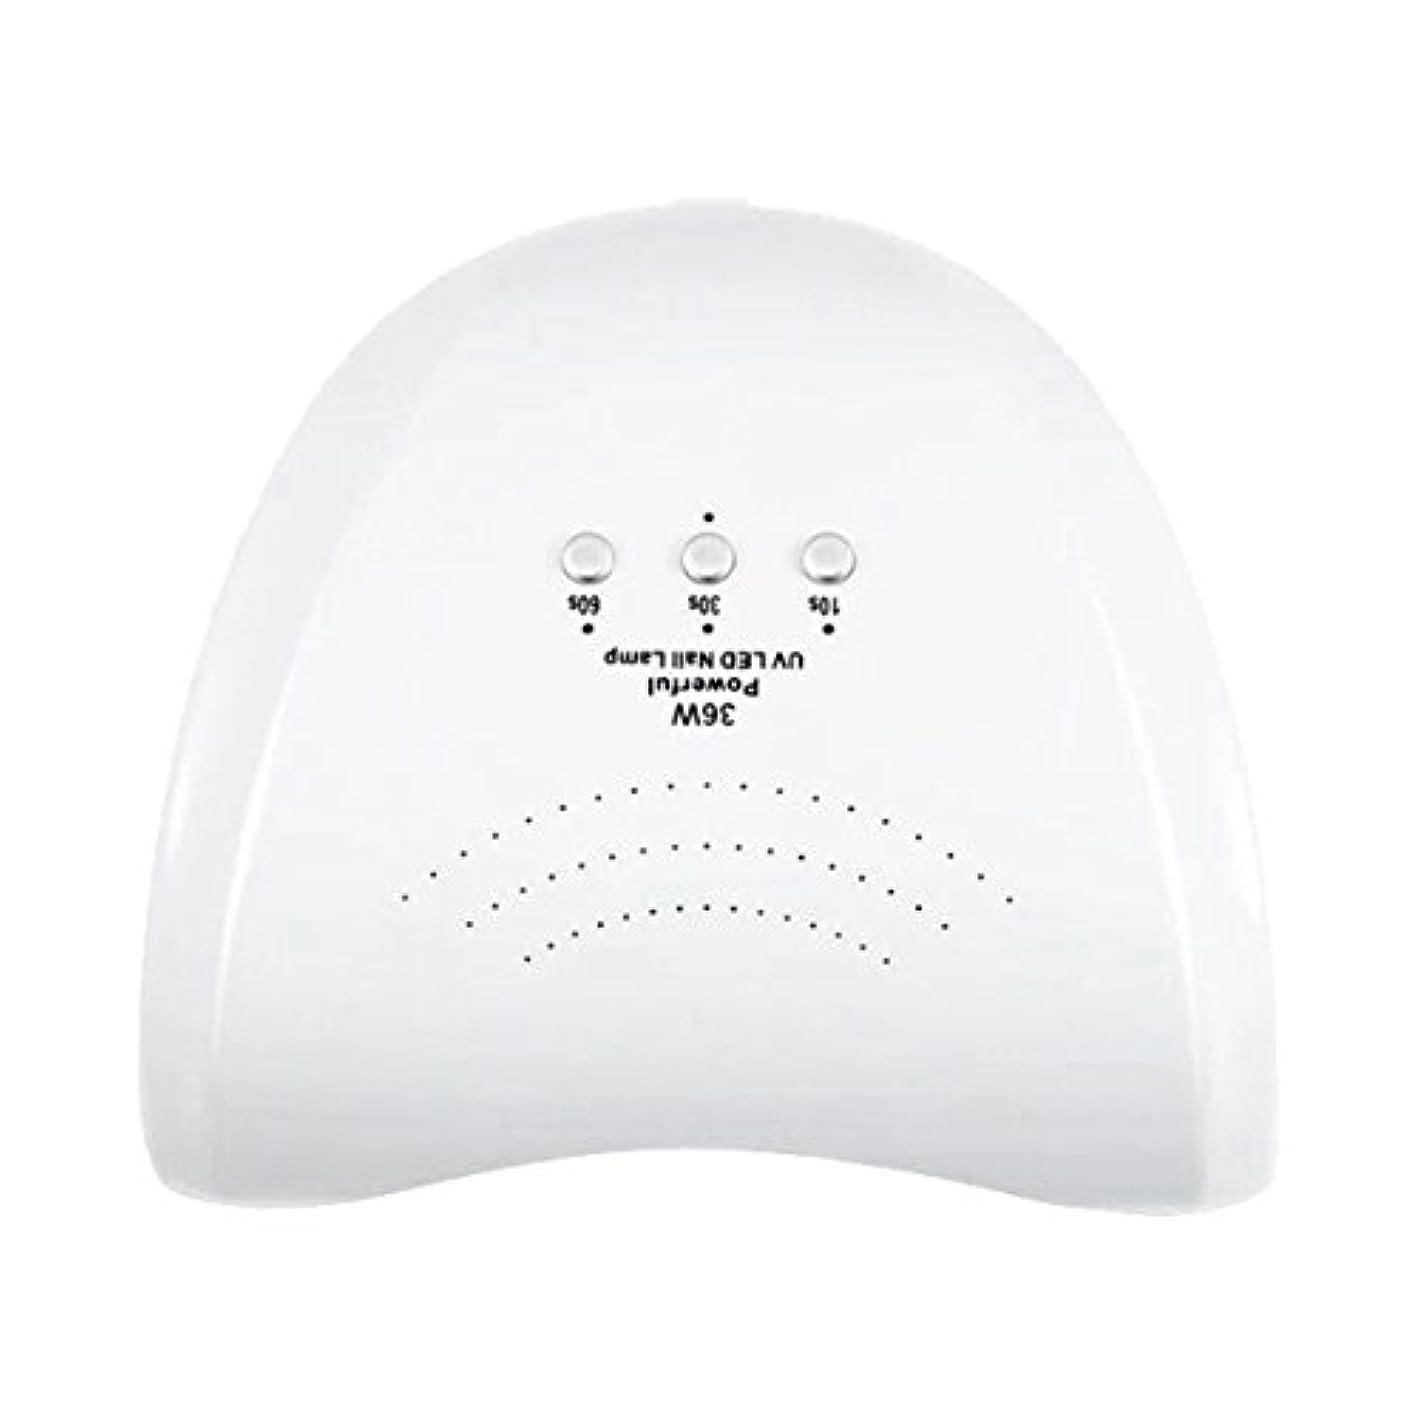 炎上不当アナロジーLa Curie 36W LED&UVネイルライト CCFL不使用 自動センサー ジェルネイル レジン 6ヶ月保証&日本語説明書&プロネイリスト監修ネイルレシピ付き 全9色 (ホワイト) LaCurie004